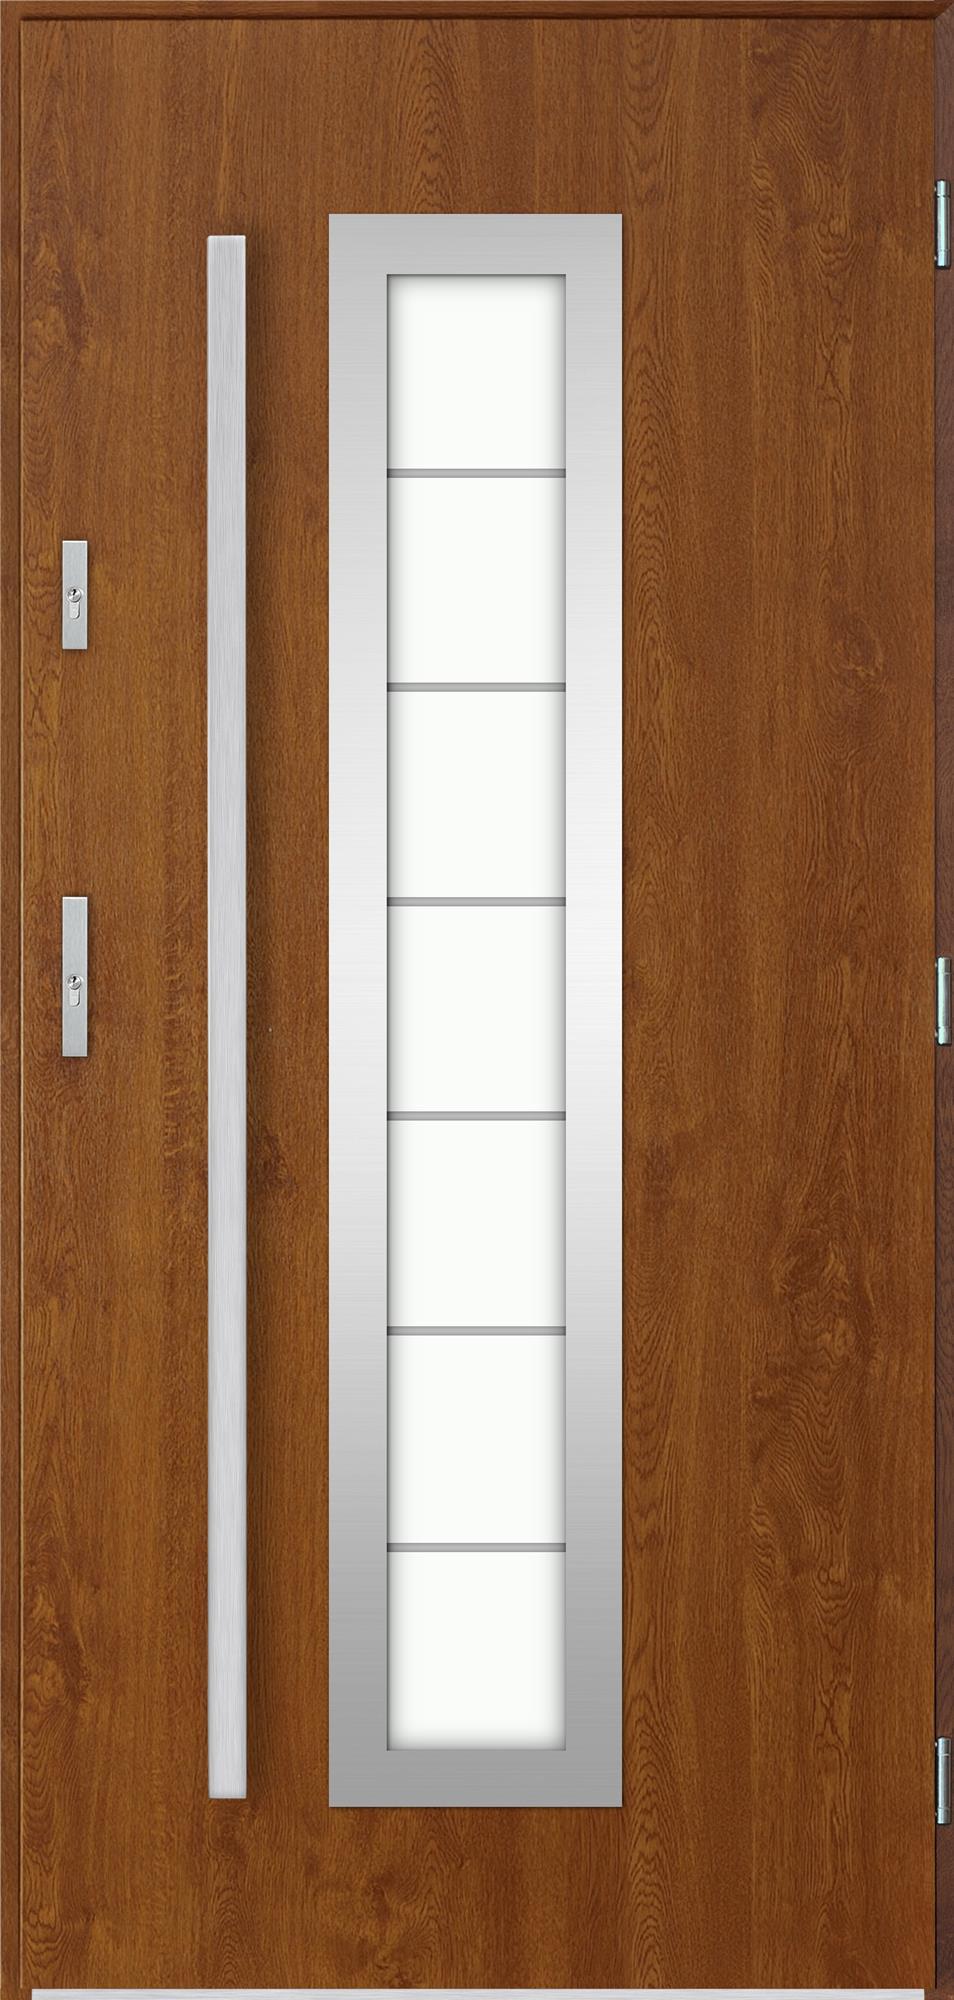 Venkovní vchodové dveøe Hevelio, dub zlatý